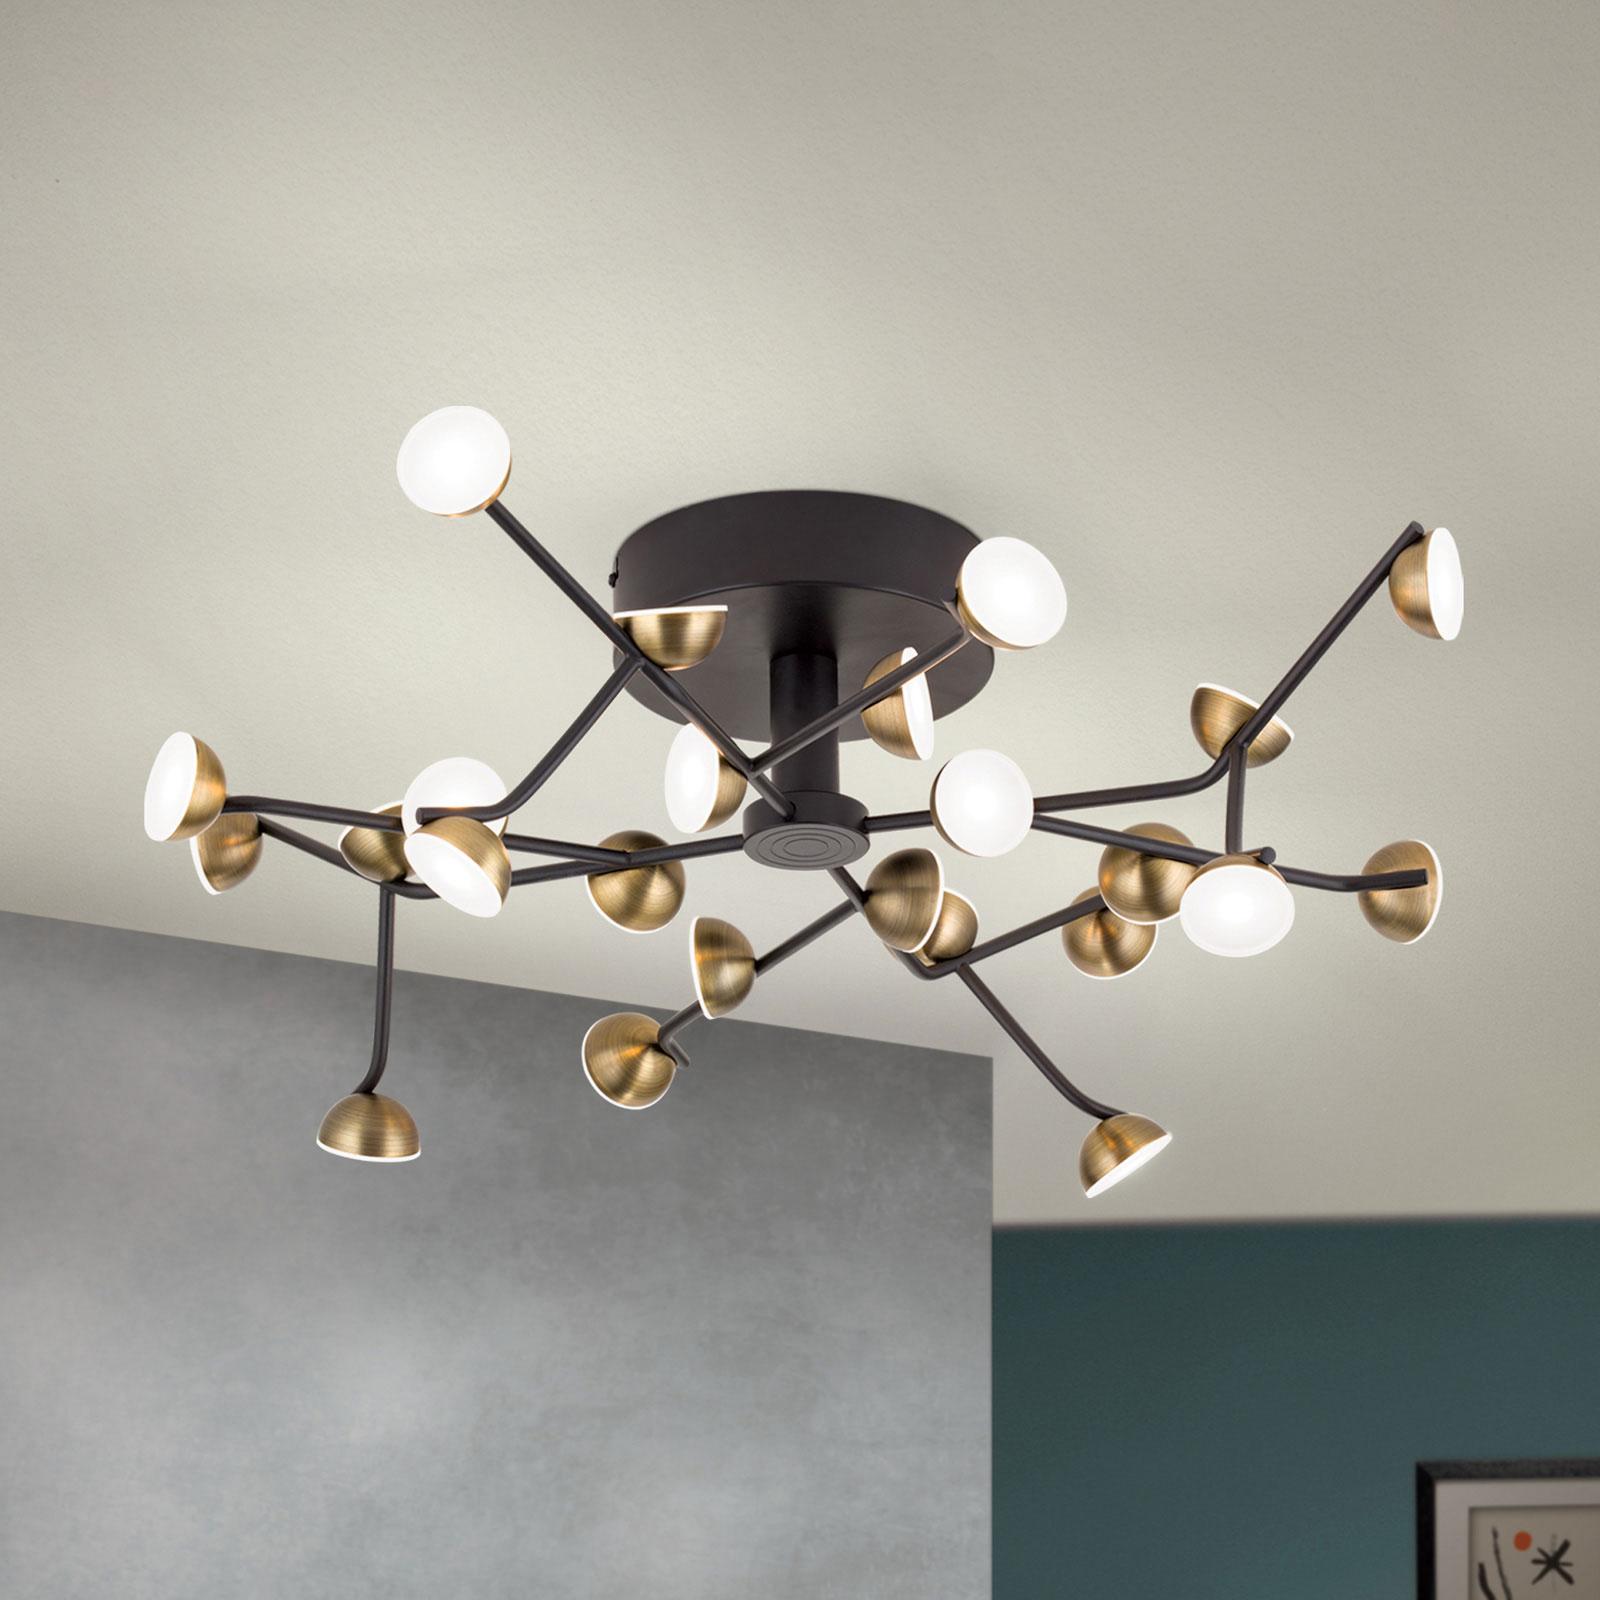 Plafonnier LED Blossom, à 24 lampes